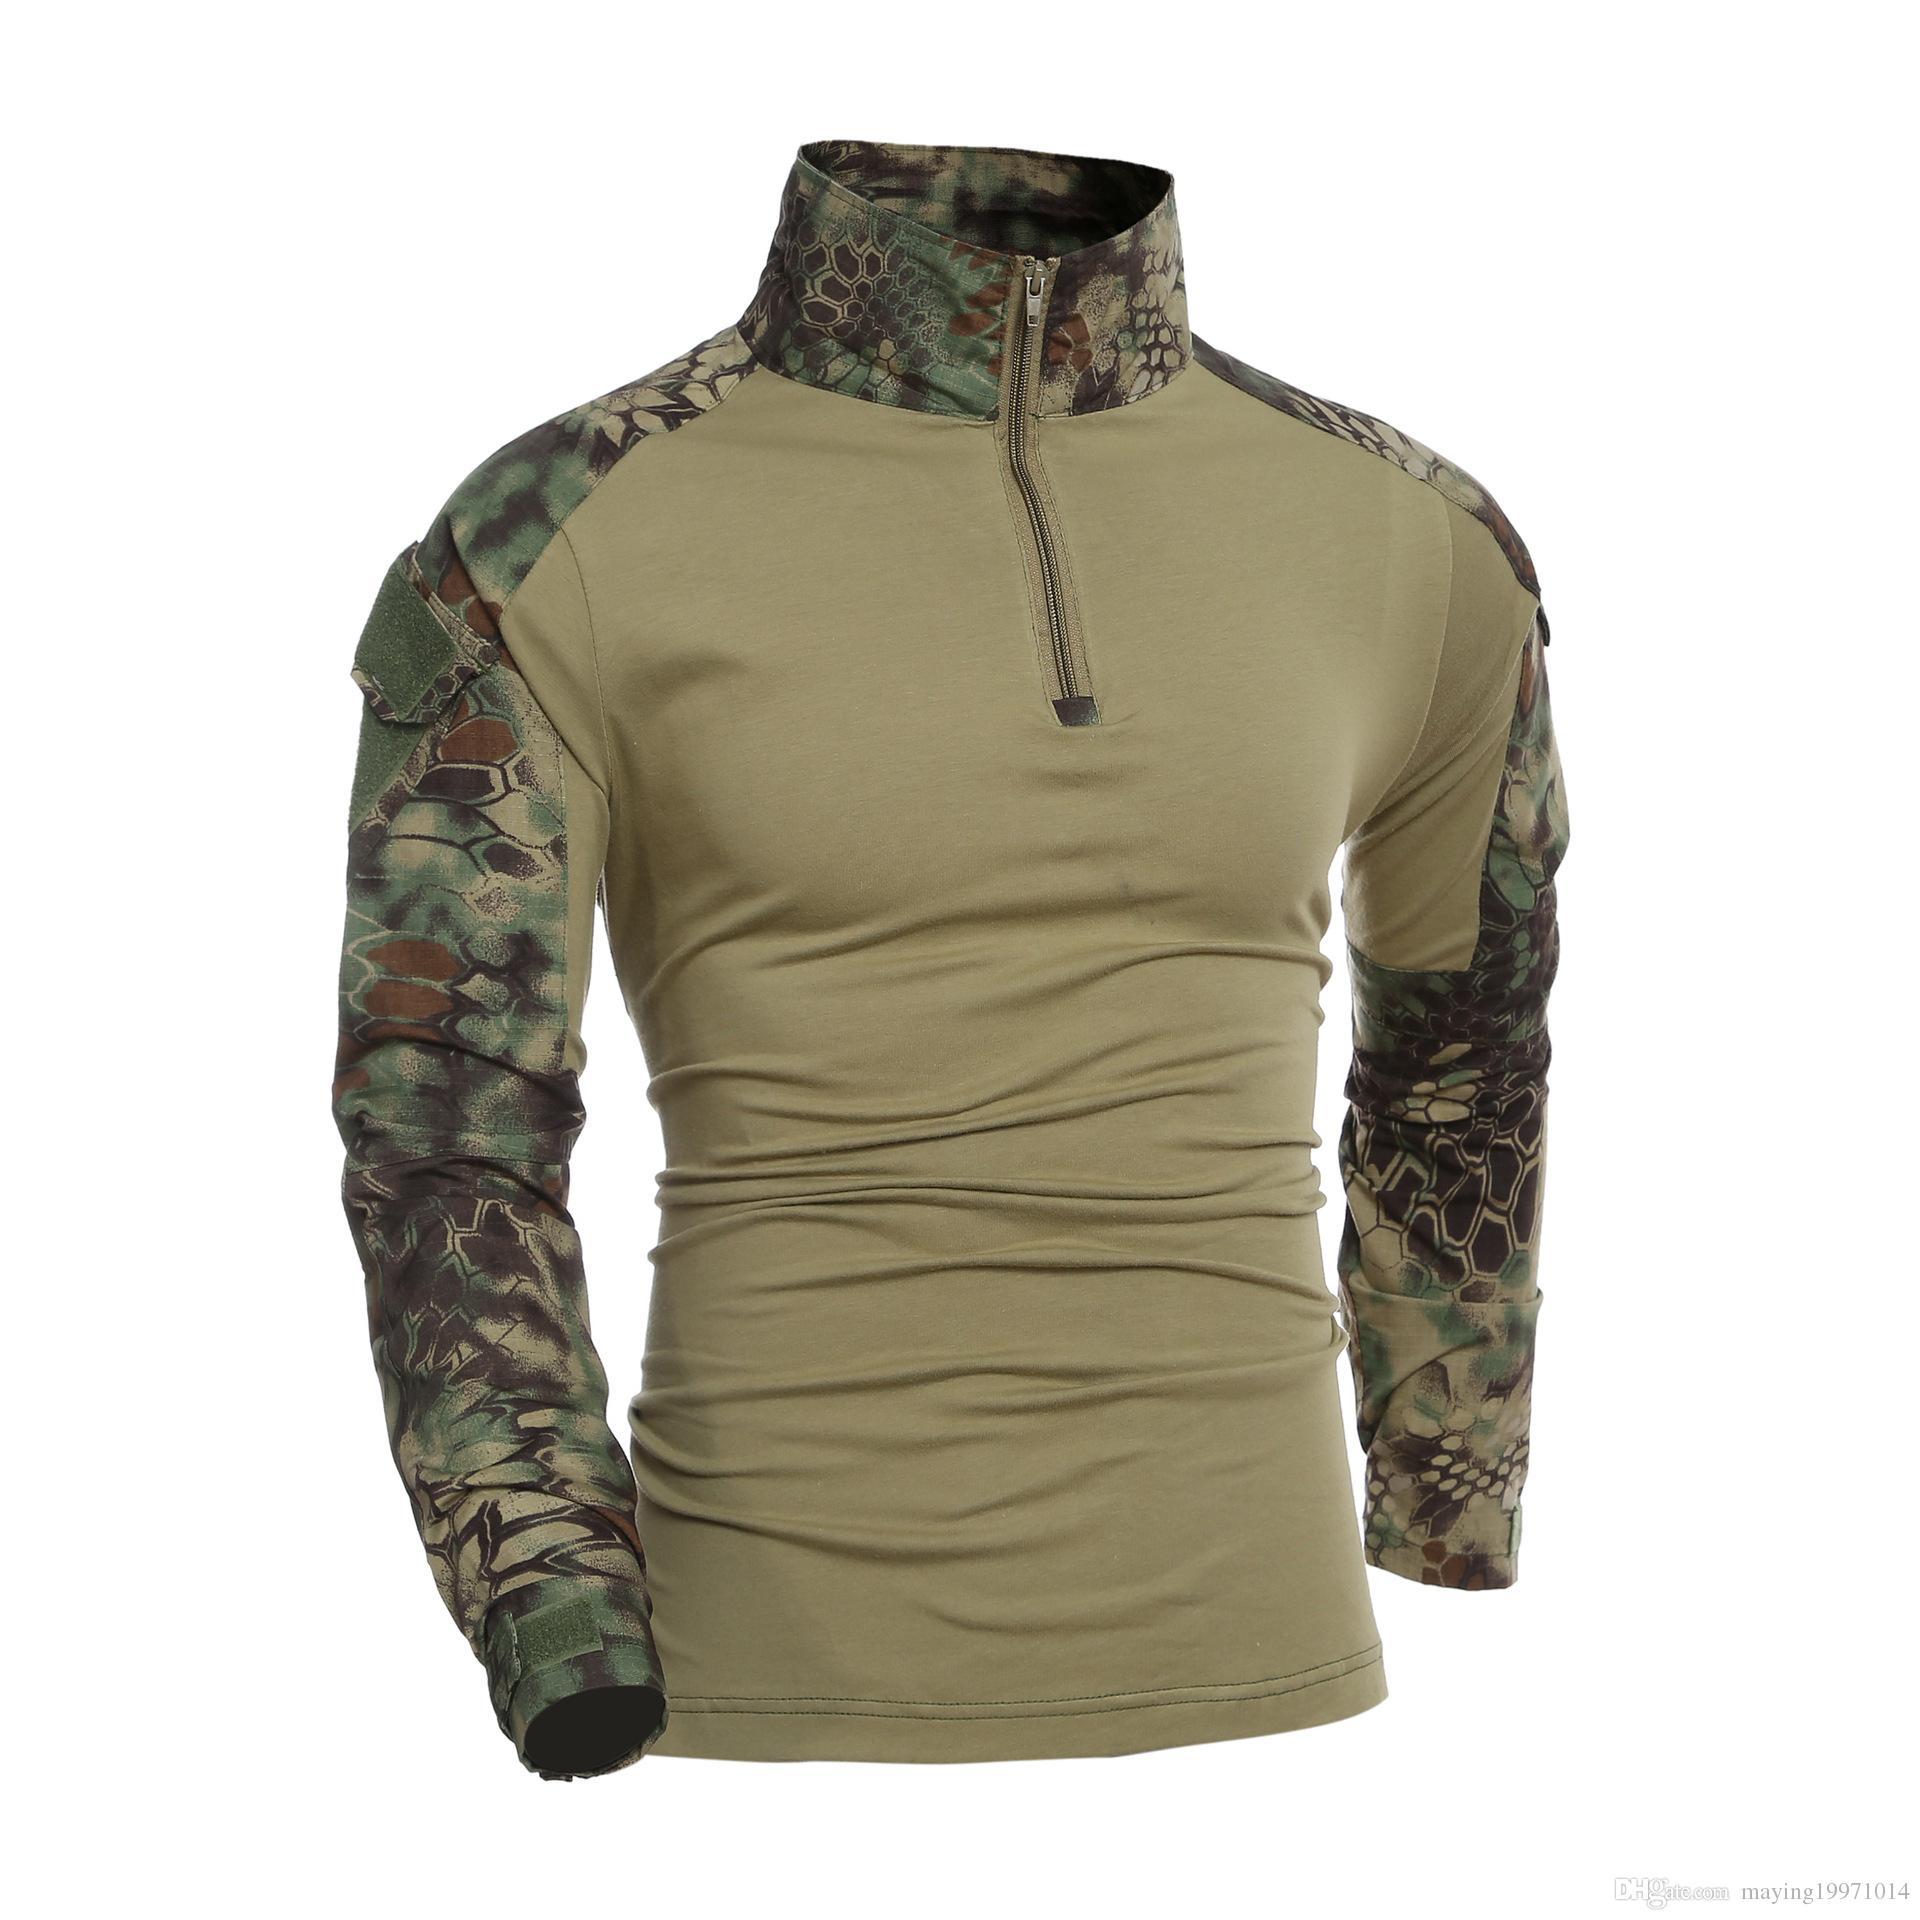 the latest d7530 2a387 Camouflage T-Shirt Militär Armee Kampf T Shirt Männer Langarm US RU  Soldaten Tactical T Shirt Multicam Camo Tops